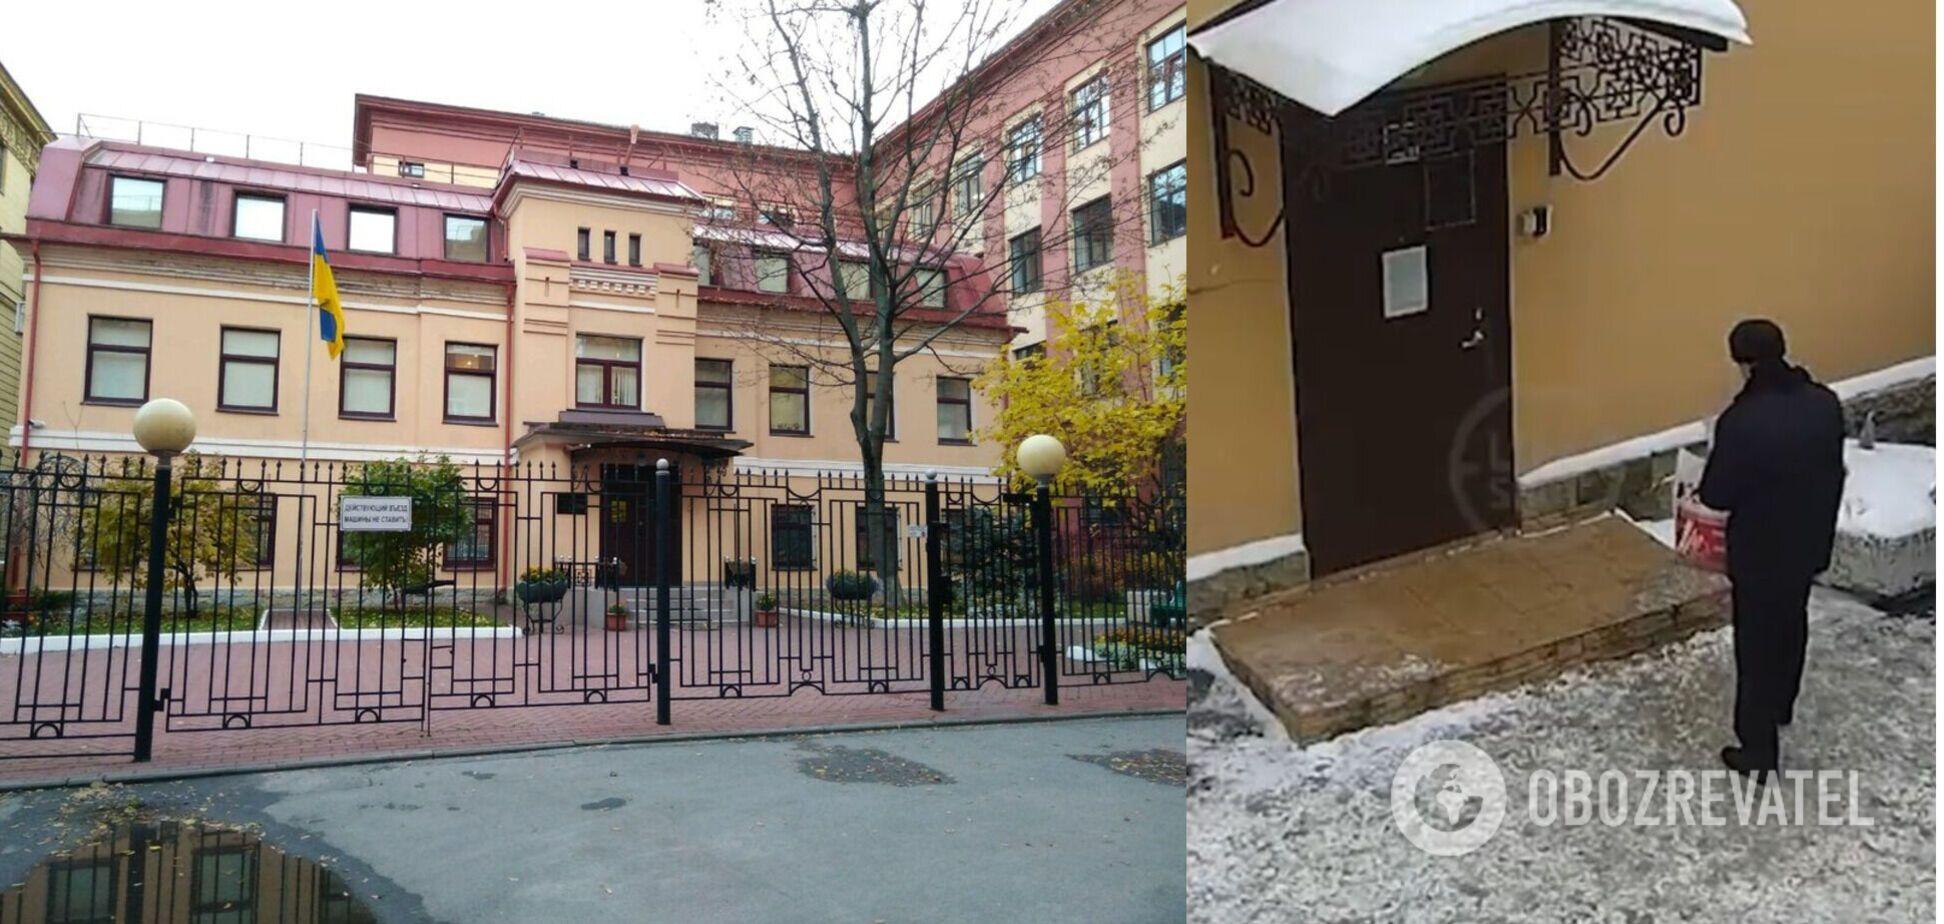 В Петербурге арестовали россиянина, напавшего с ножом на сотрудника генконсульства Украины